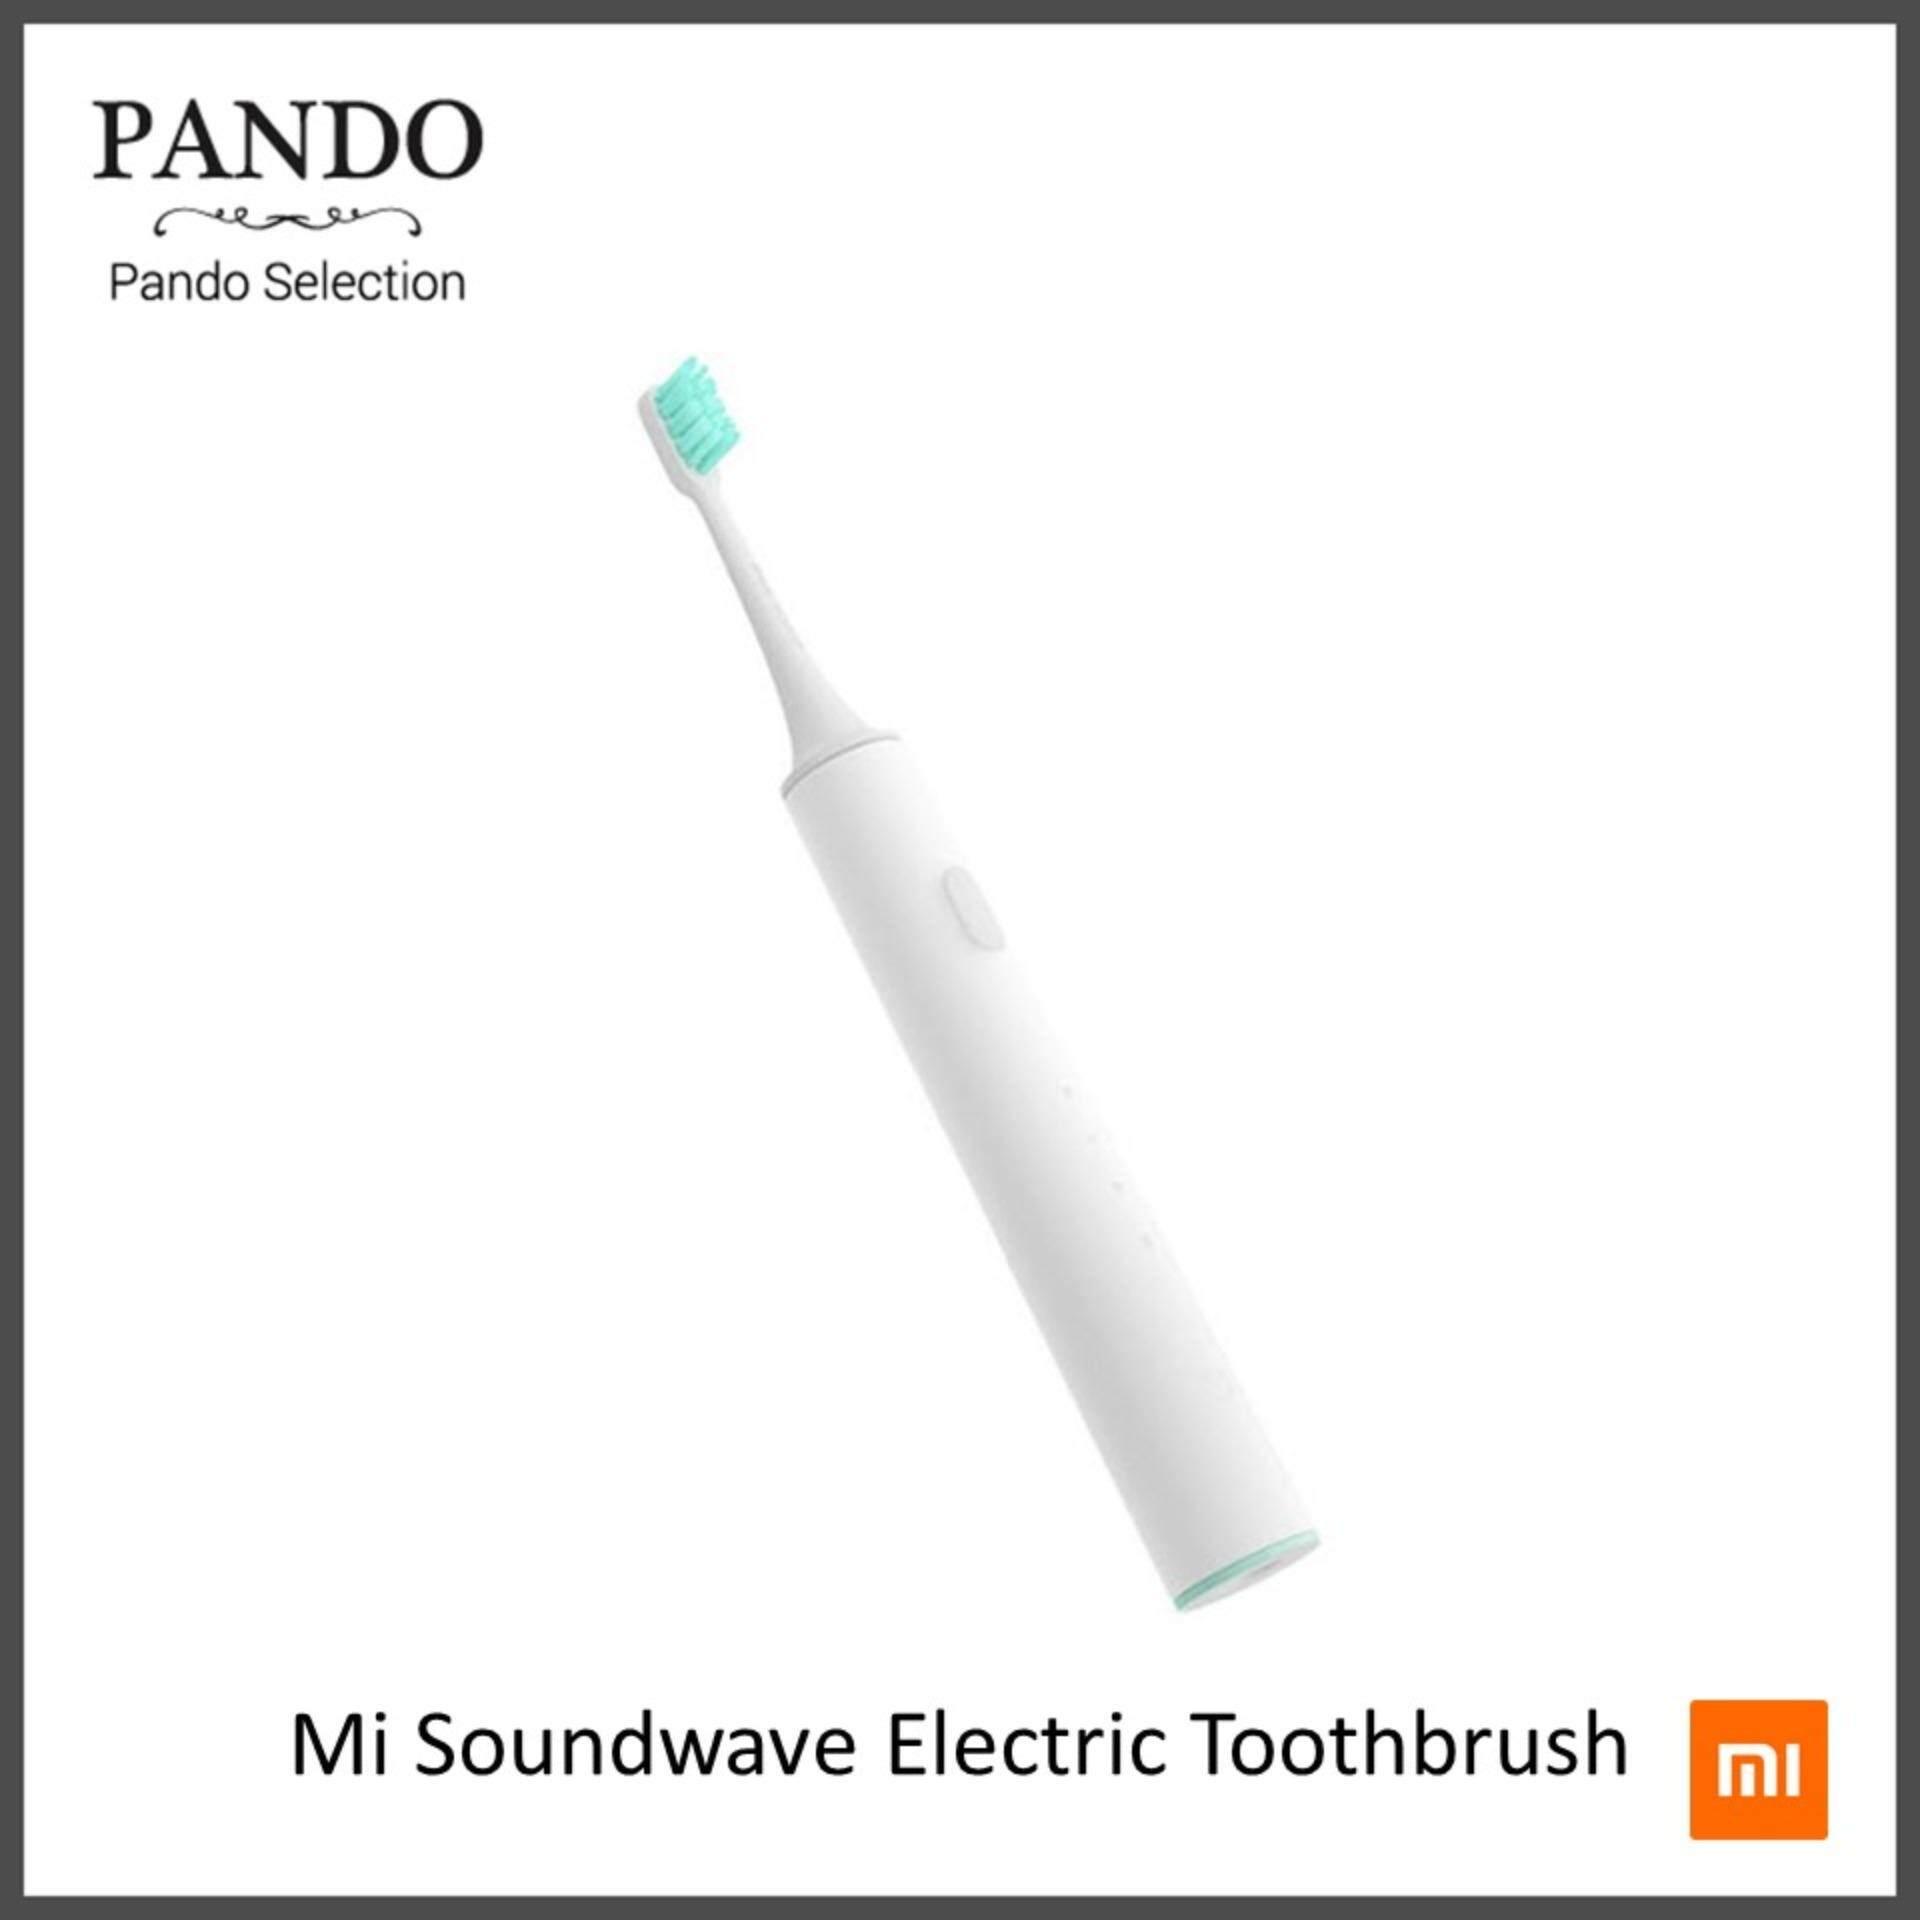 แปรงสีฟันไฟฟ้าเพื่อรอยยิ้มขาวสดใส บุรีรัมย์ Xiaomi Soundwave Electric Toothbrush แปรงสีฟันไฟฟ้า ของแท้จาก Xiaomi รับประกัน 1 ปี by Pando Selection   Fanslink